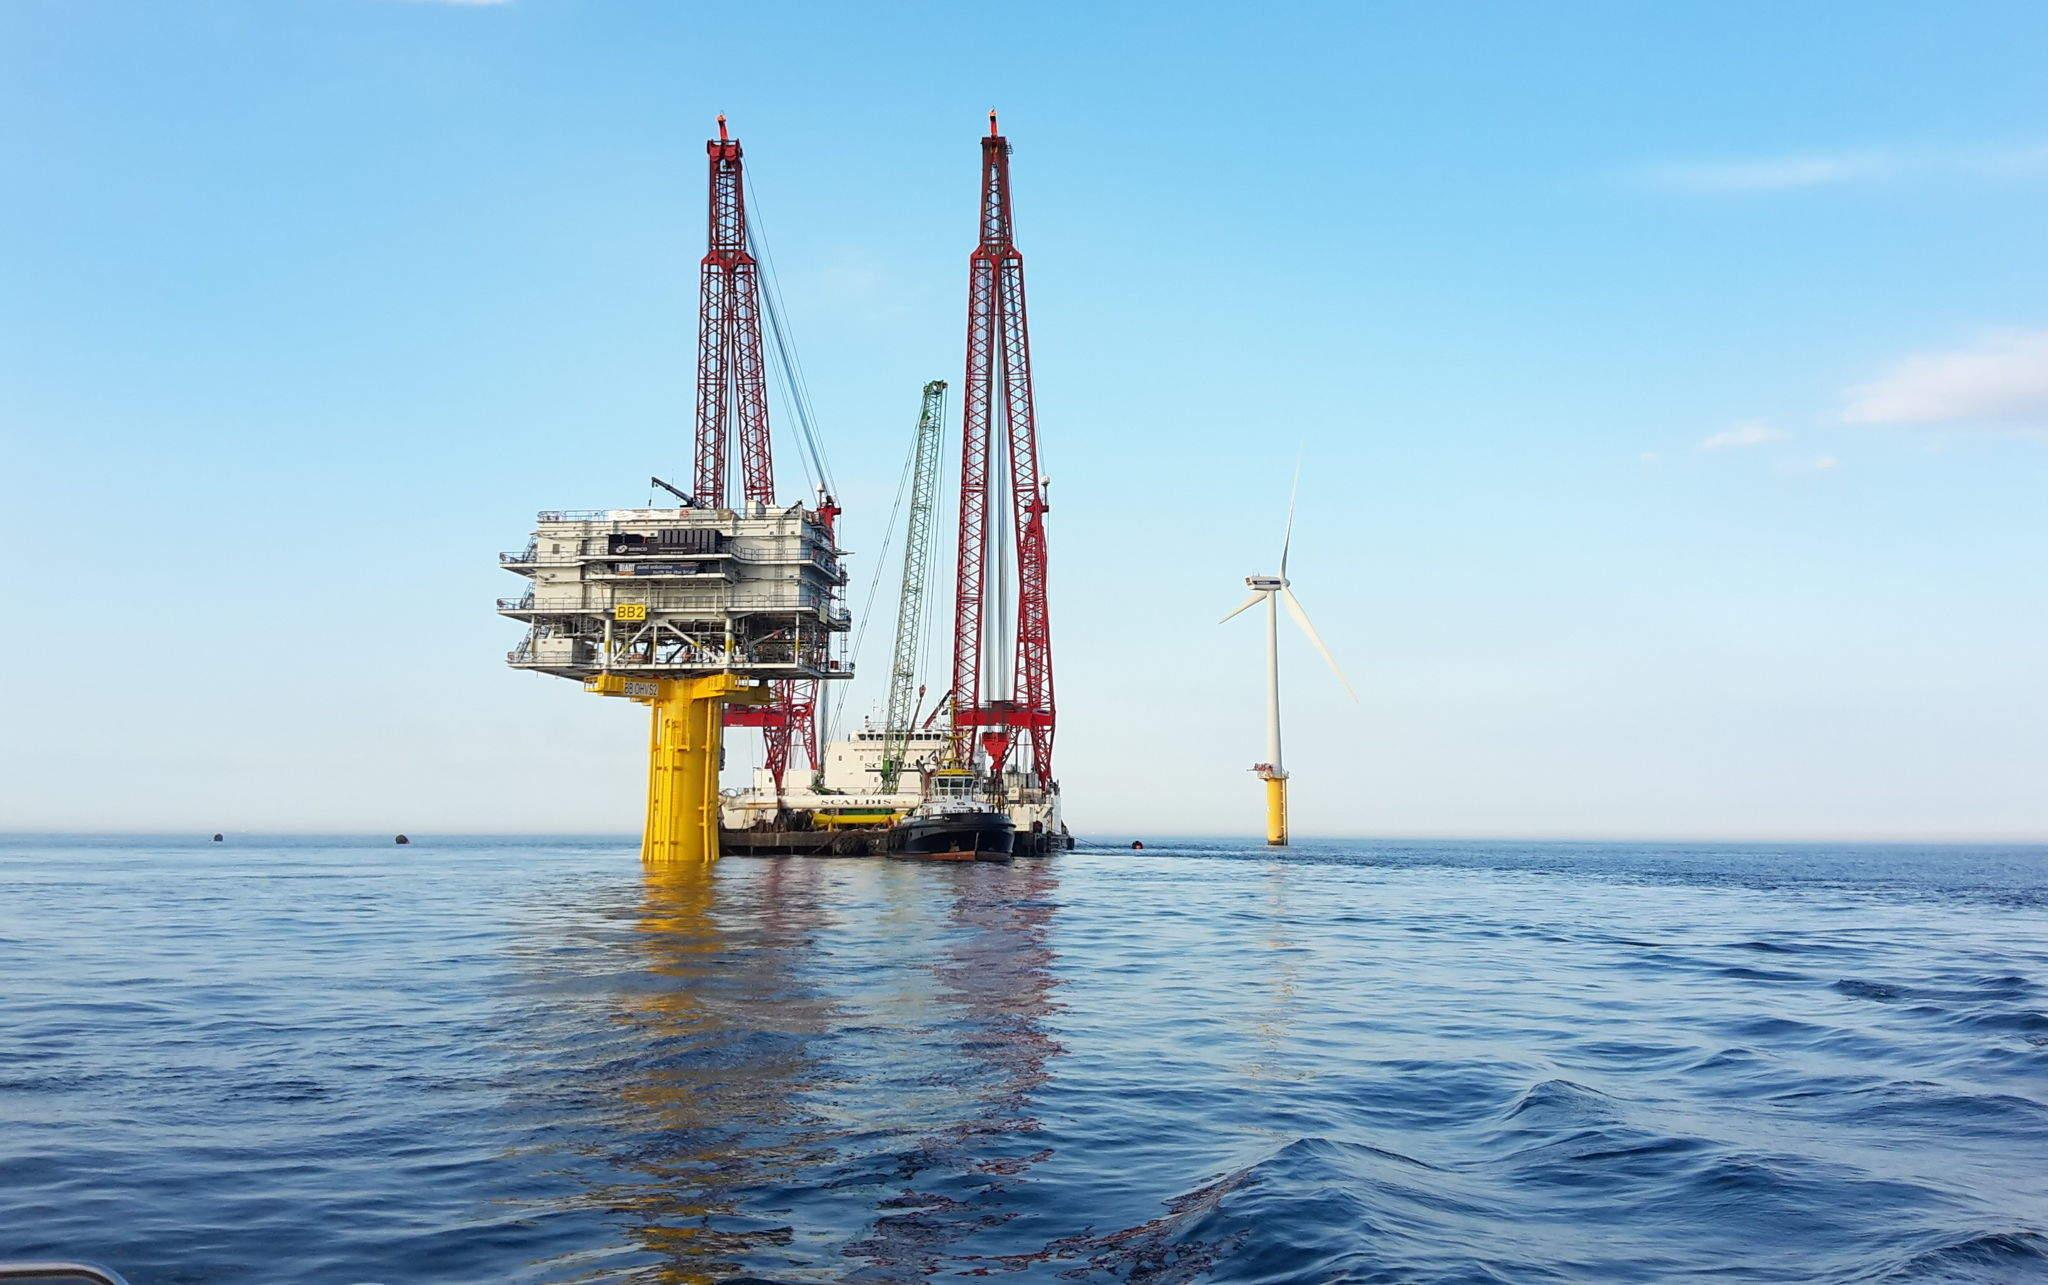 Northwester 2 offshore wind farm-platform